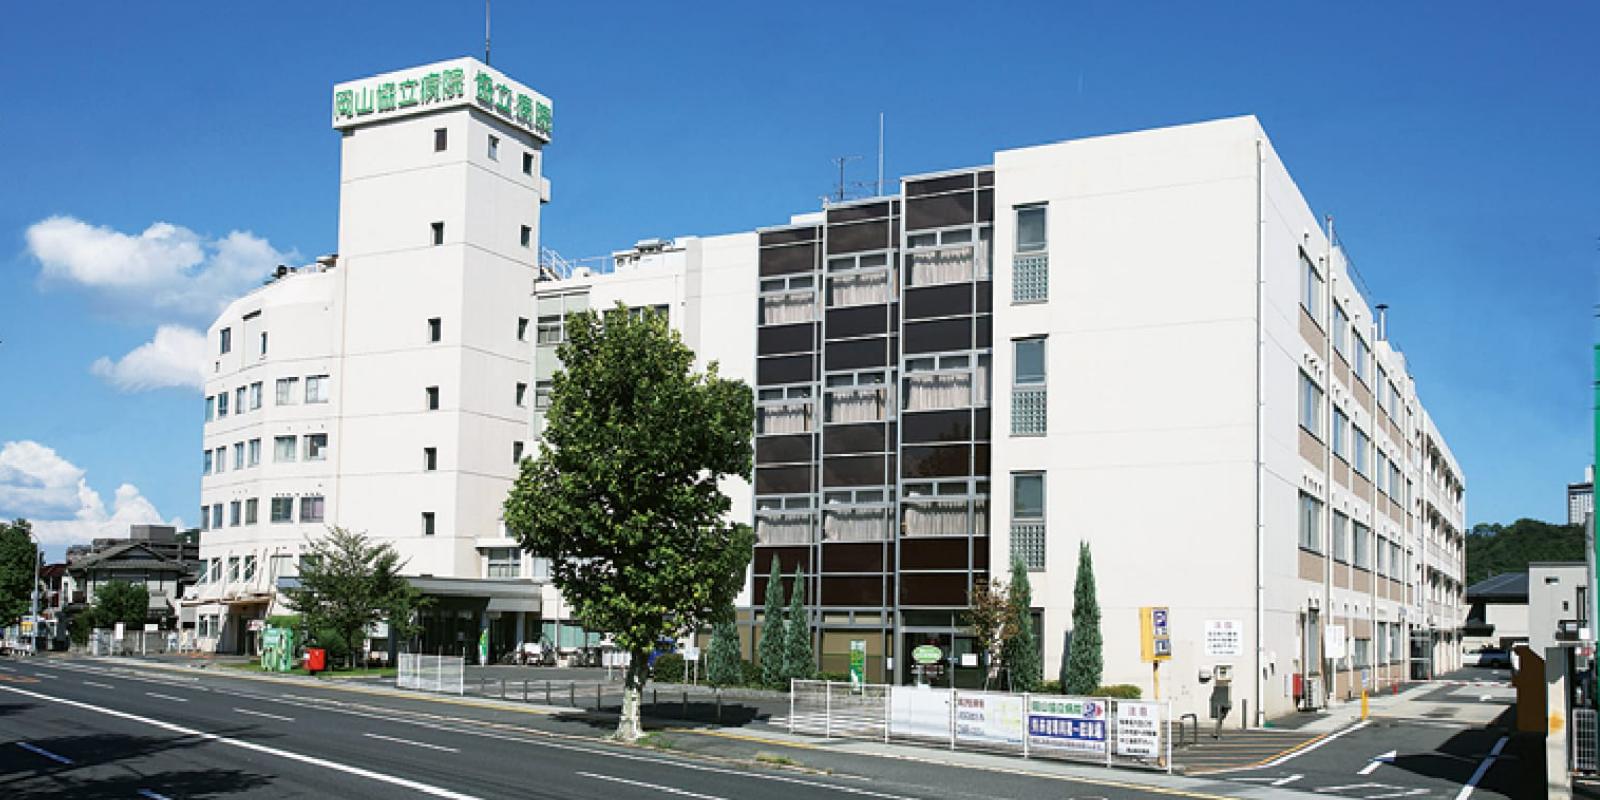 労災 病院 岡山 厚生労働省 労災保険指定医療機関検索